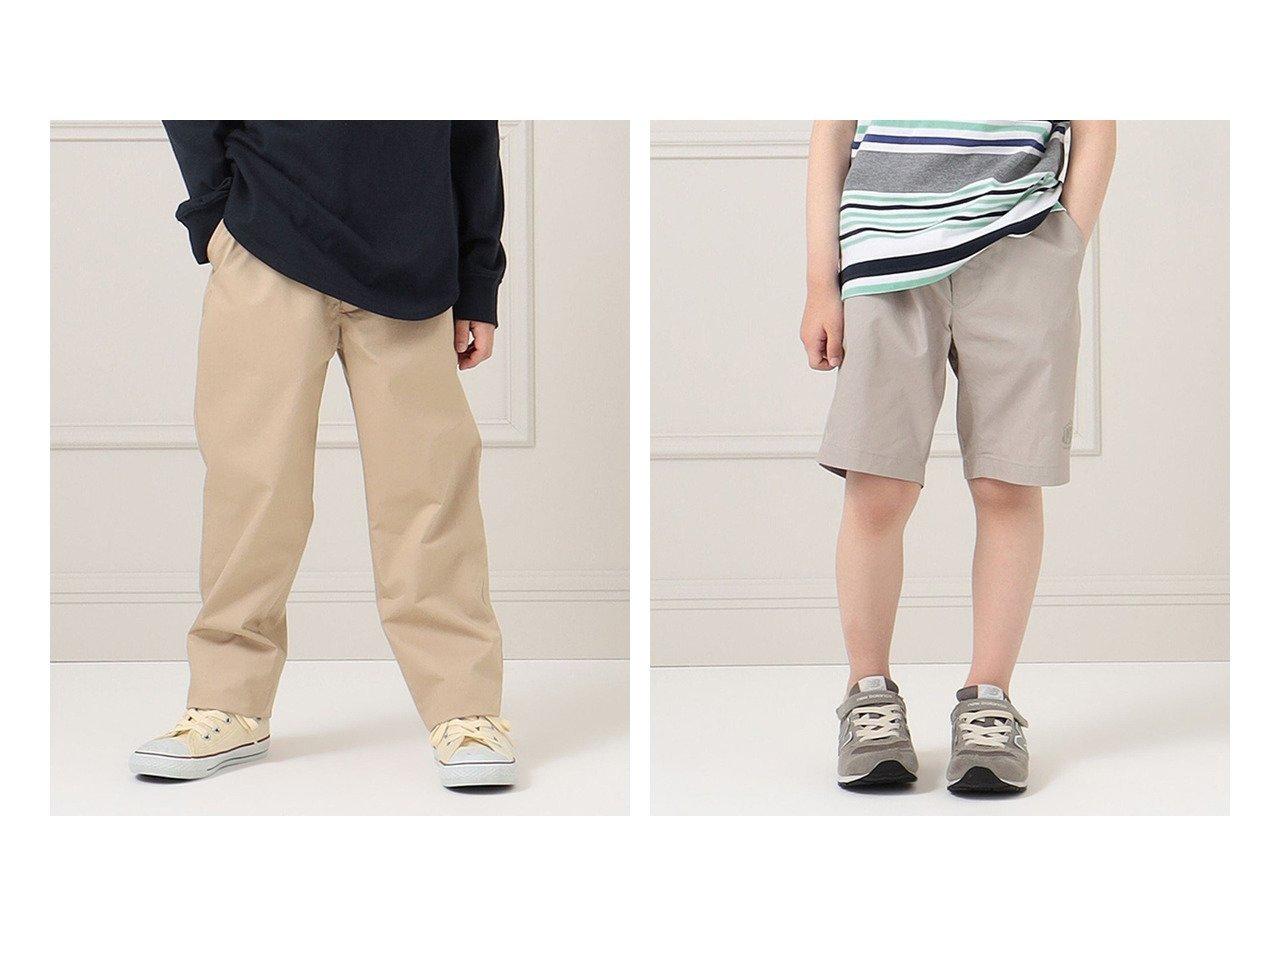 【J.PRESS / KIDS/ジェイ プレス】の【140-170cm】-ツイル フルレングス パンツ&【140-170cm】-ツイル ハーフパンツ 【KIDS】子供服のおすすめ!人気トレンド・キッズファッションの通販  おすすめで人気の流行・トレンド、ファッションの通販商品 メンズファッション・キッズファッション・インテリア・家具・レディースファッション・服の通販 founy(ファニー) https://founy.com/ ファッション Fashion キッズファッション KIDS ボトムス Bottoms/Kids 春 Spring シンプル ツイル ポケット 送料無料 Free Shipping |ID:crp329100000034839